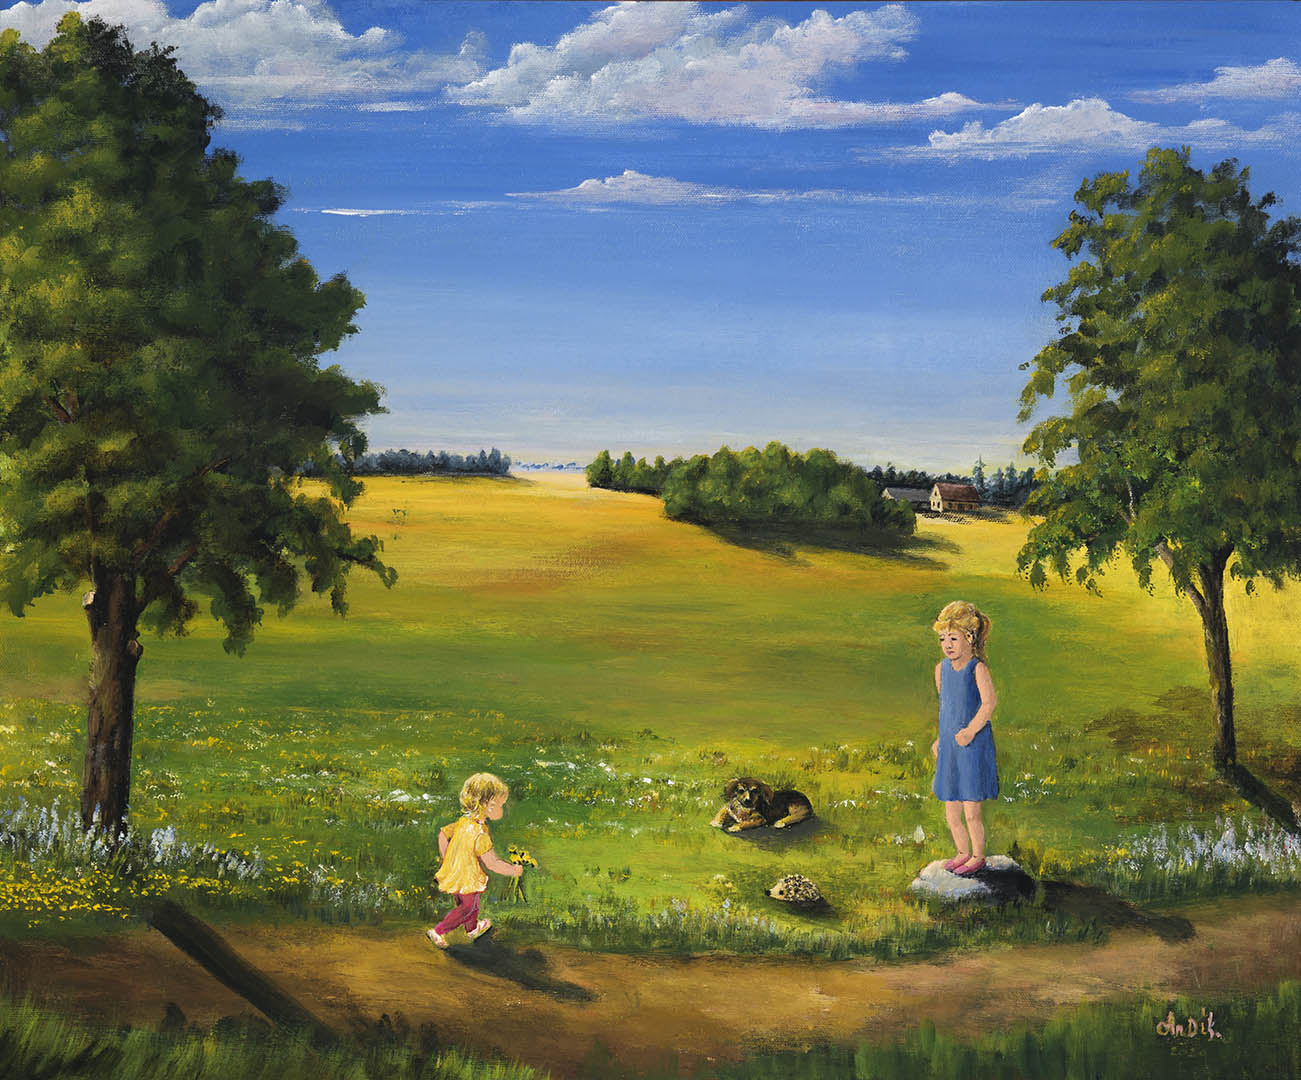 """Angelė Dikmonienė. """"Vasaros idilė"""", 2020 m. Drobė, akrilas; 50 x 60 cm"""